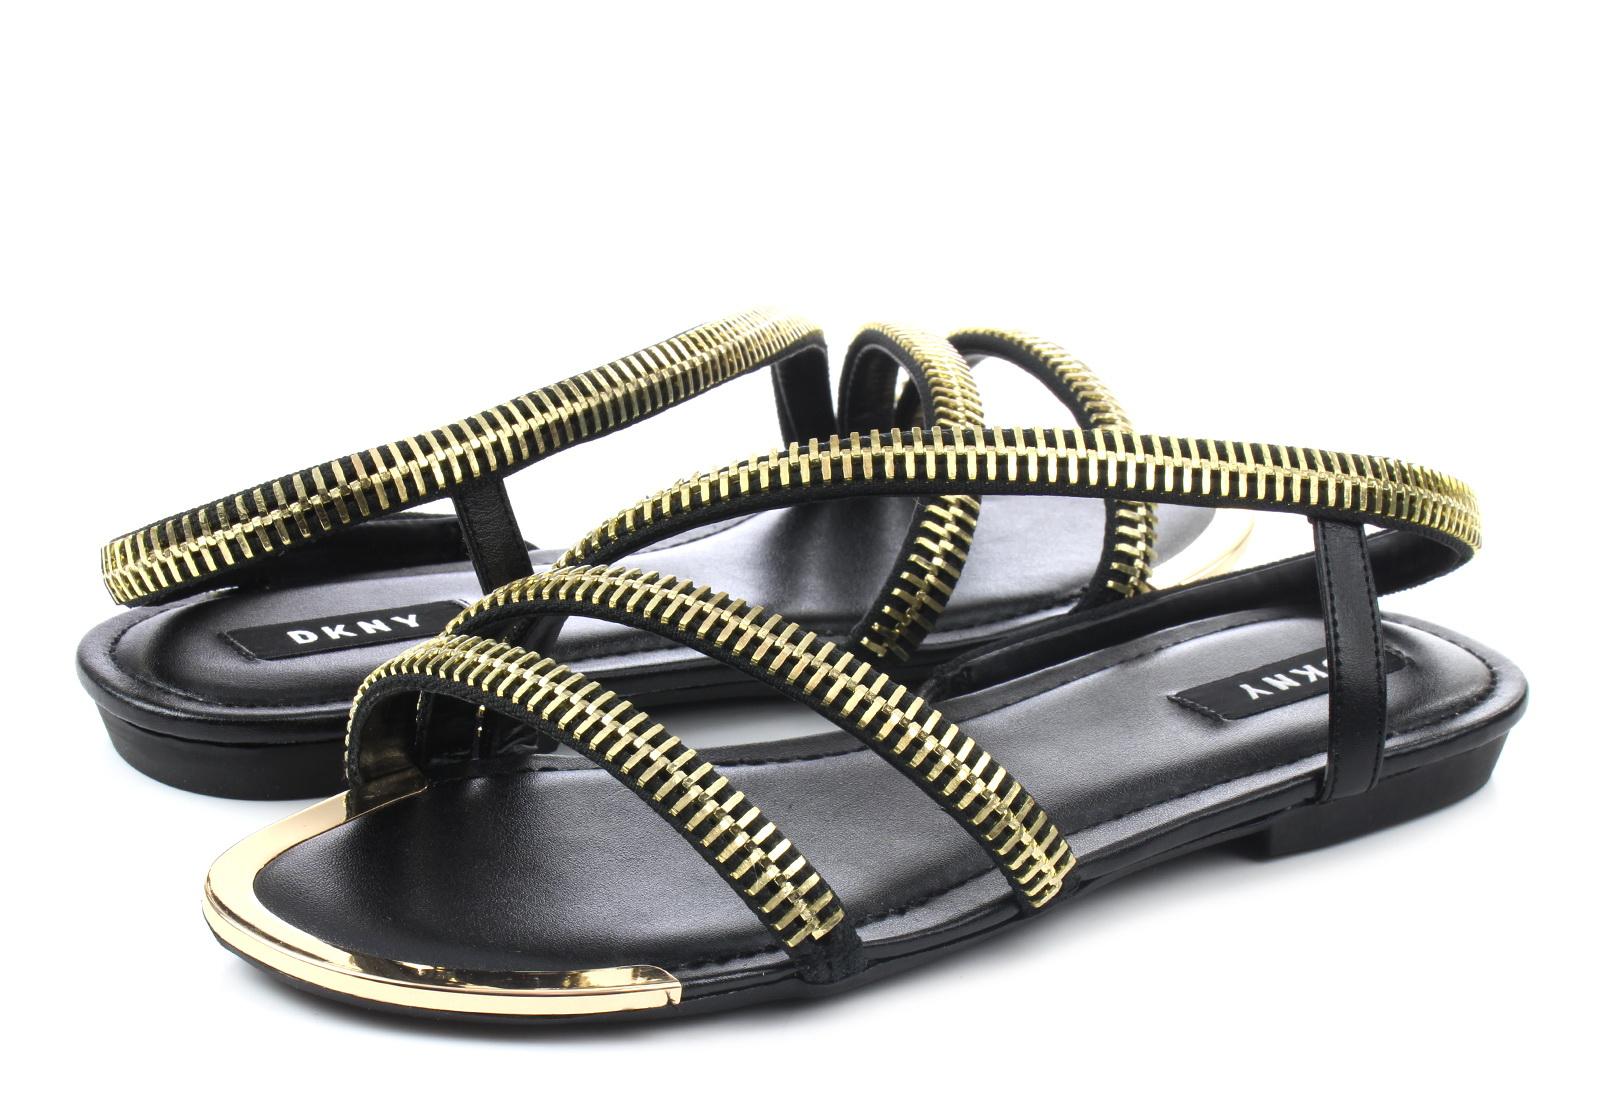 DKNY Sandals Khloi